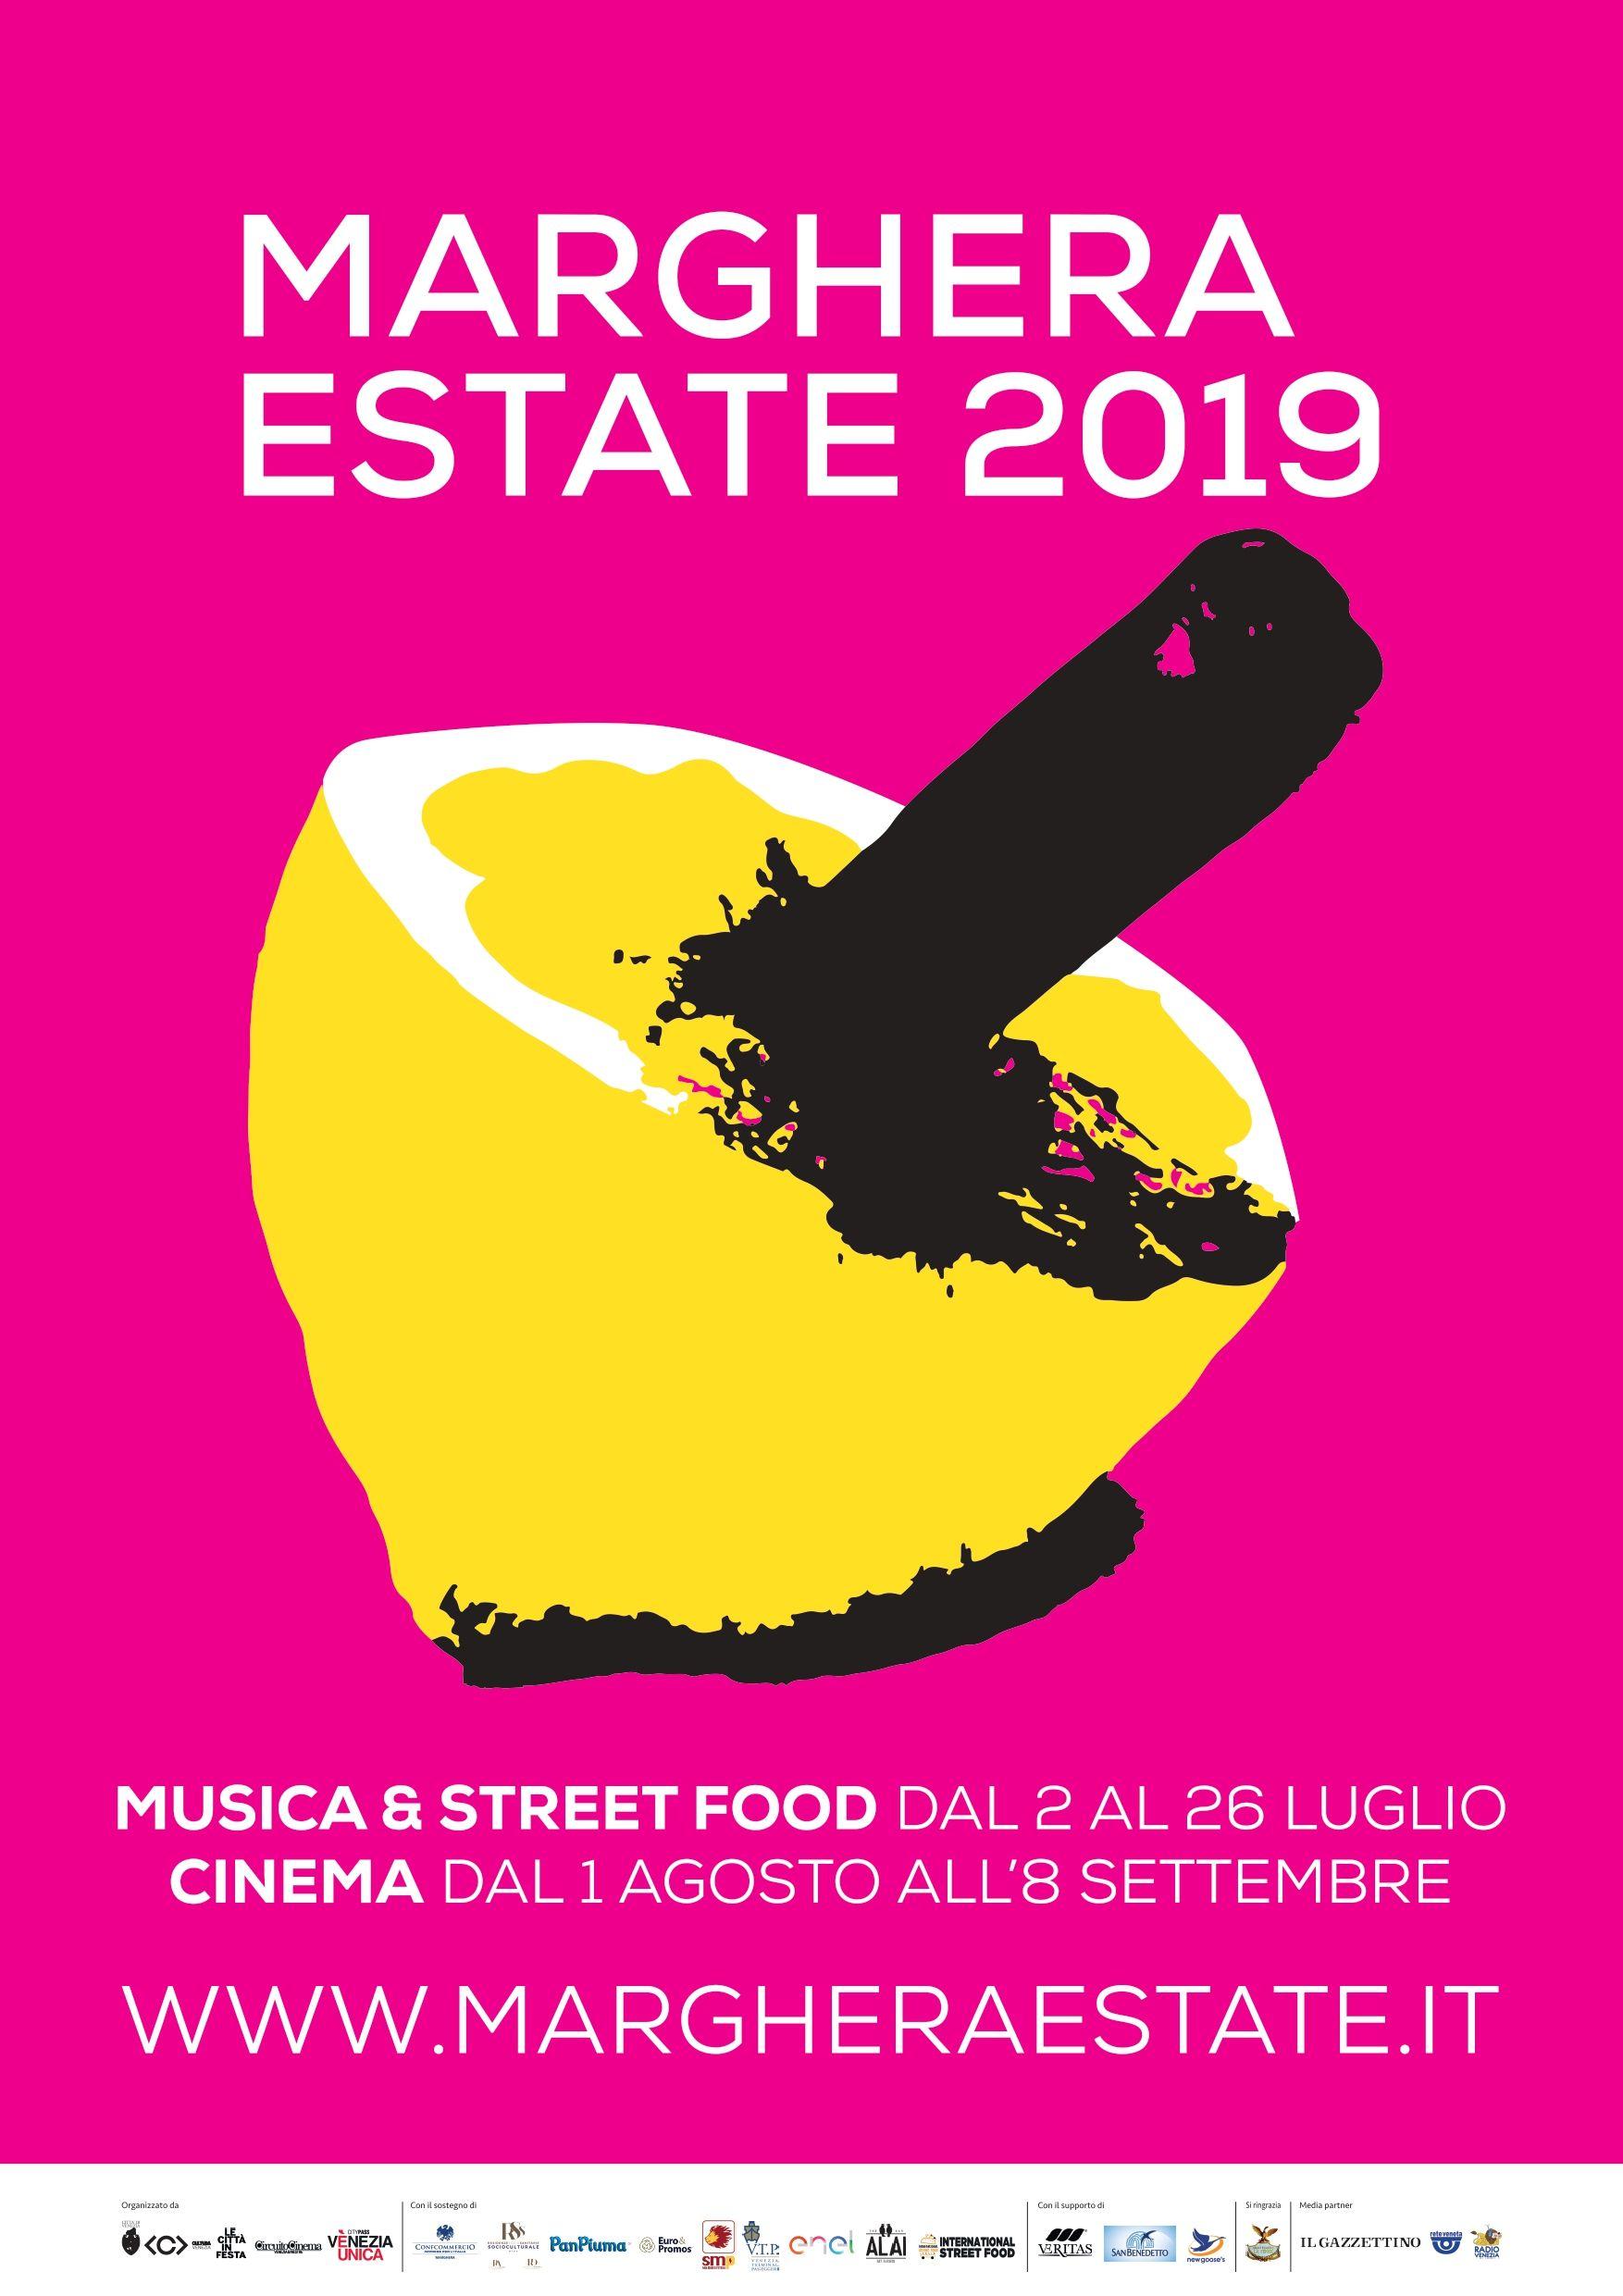 Marghera Estate 2019 programma piazza mercato marghera - ufficiale città di venezia - limone e liquirizia.jpg